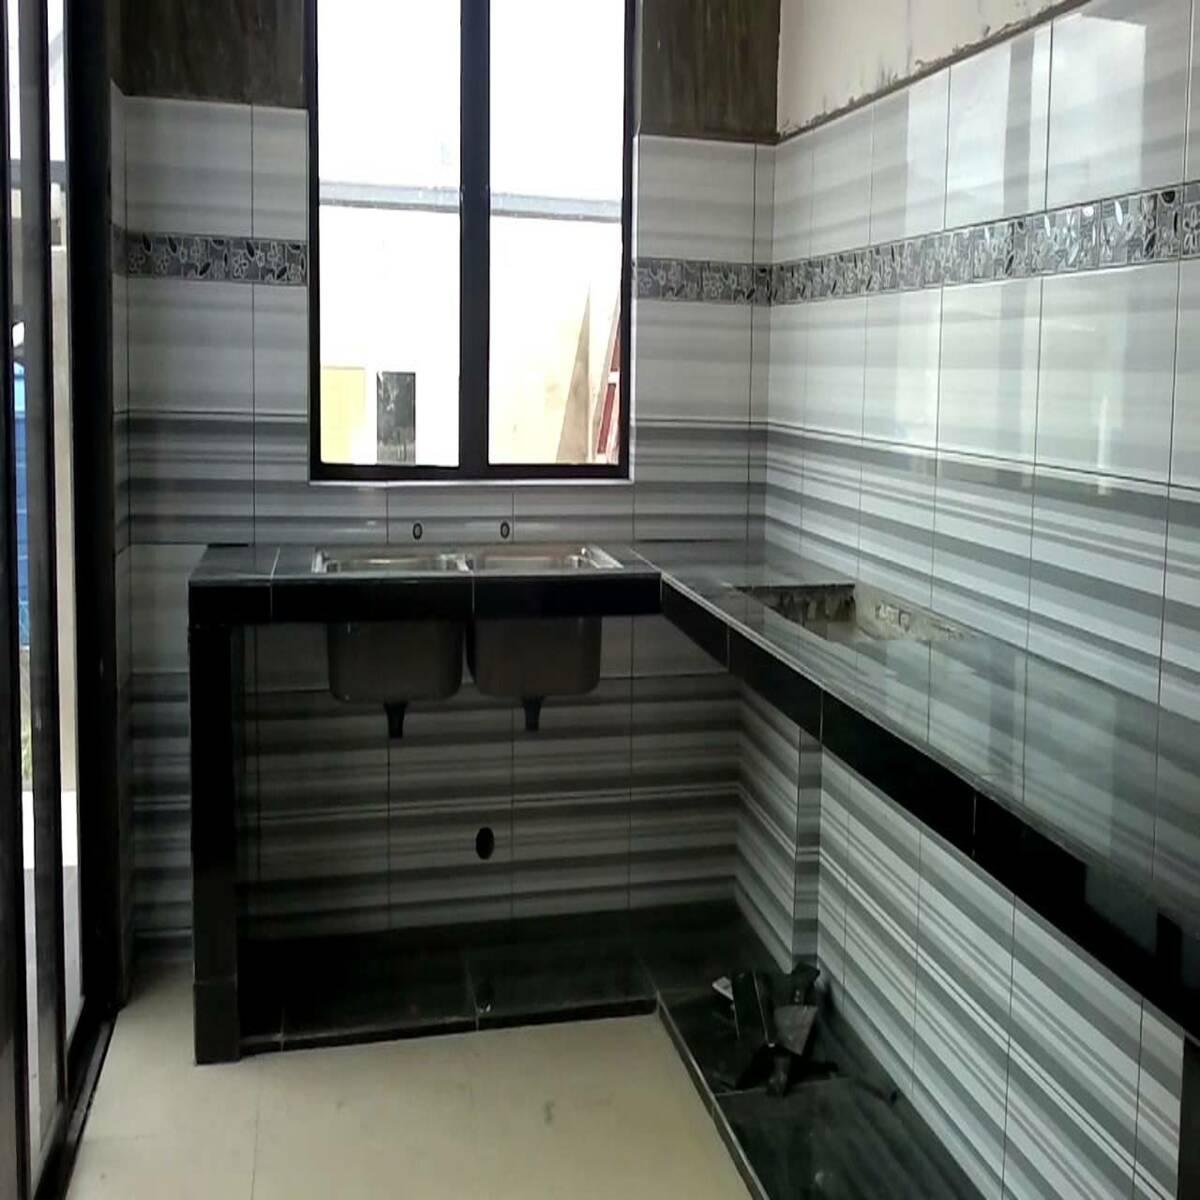 Meja Dapur Granit 60x60 Biaya Murah Tapi Elegan